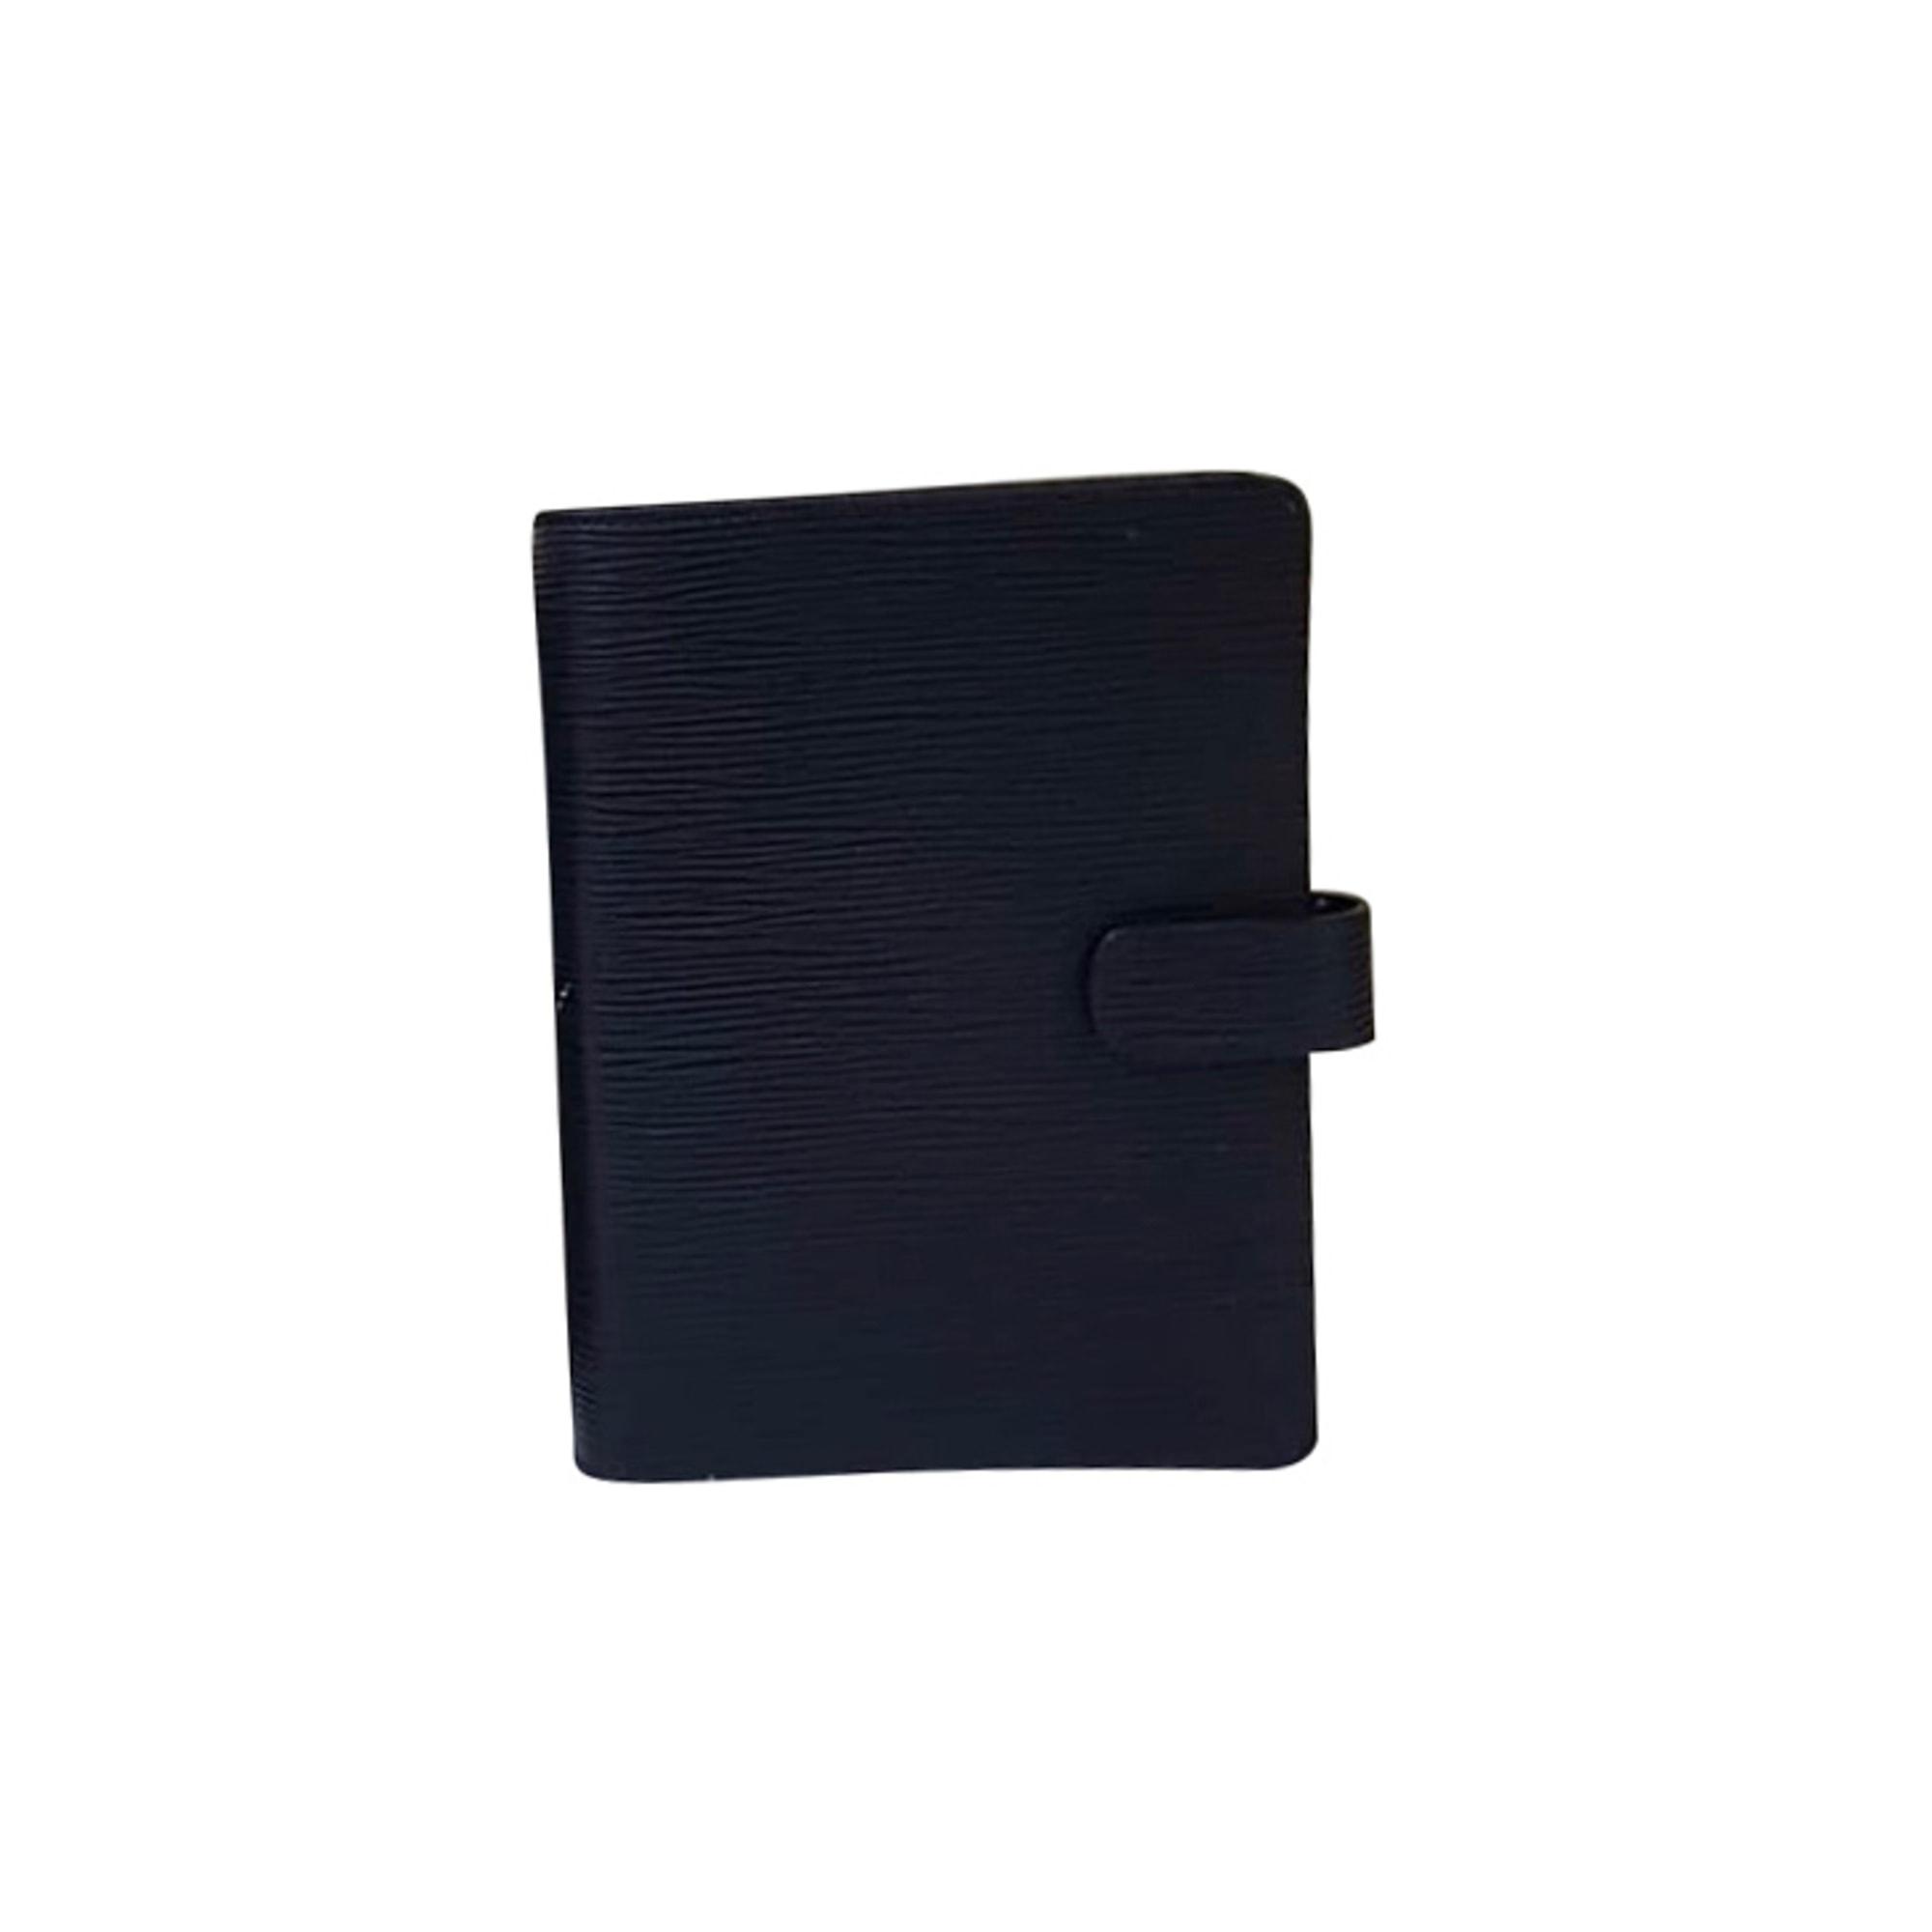 Porte documents, serviette LOUIS VUITTON Noir